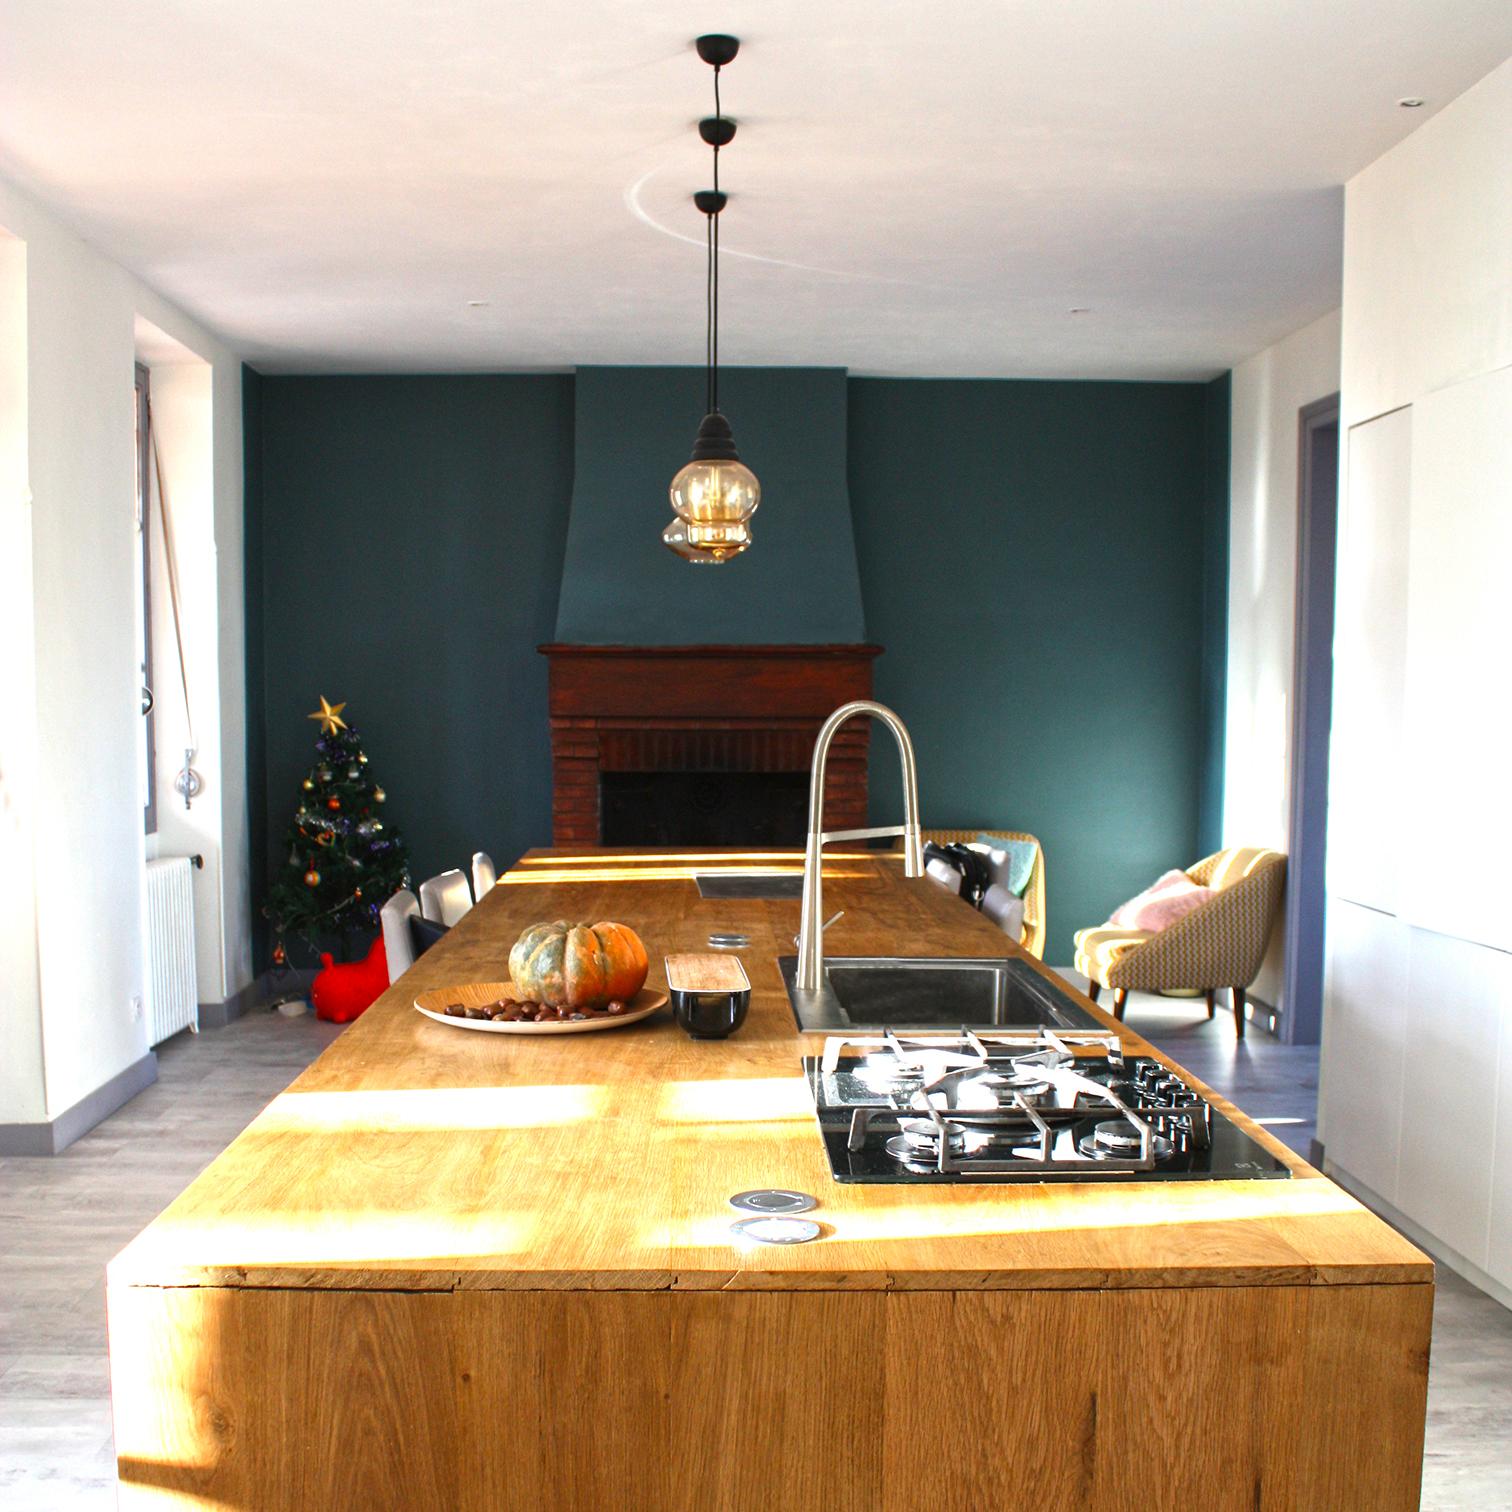 Rénovation complète et redistribution des pièces d'une grande maison familiale.